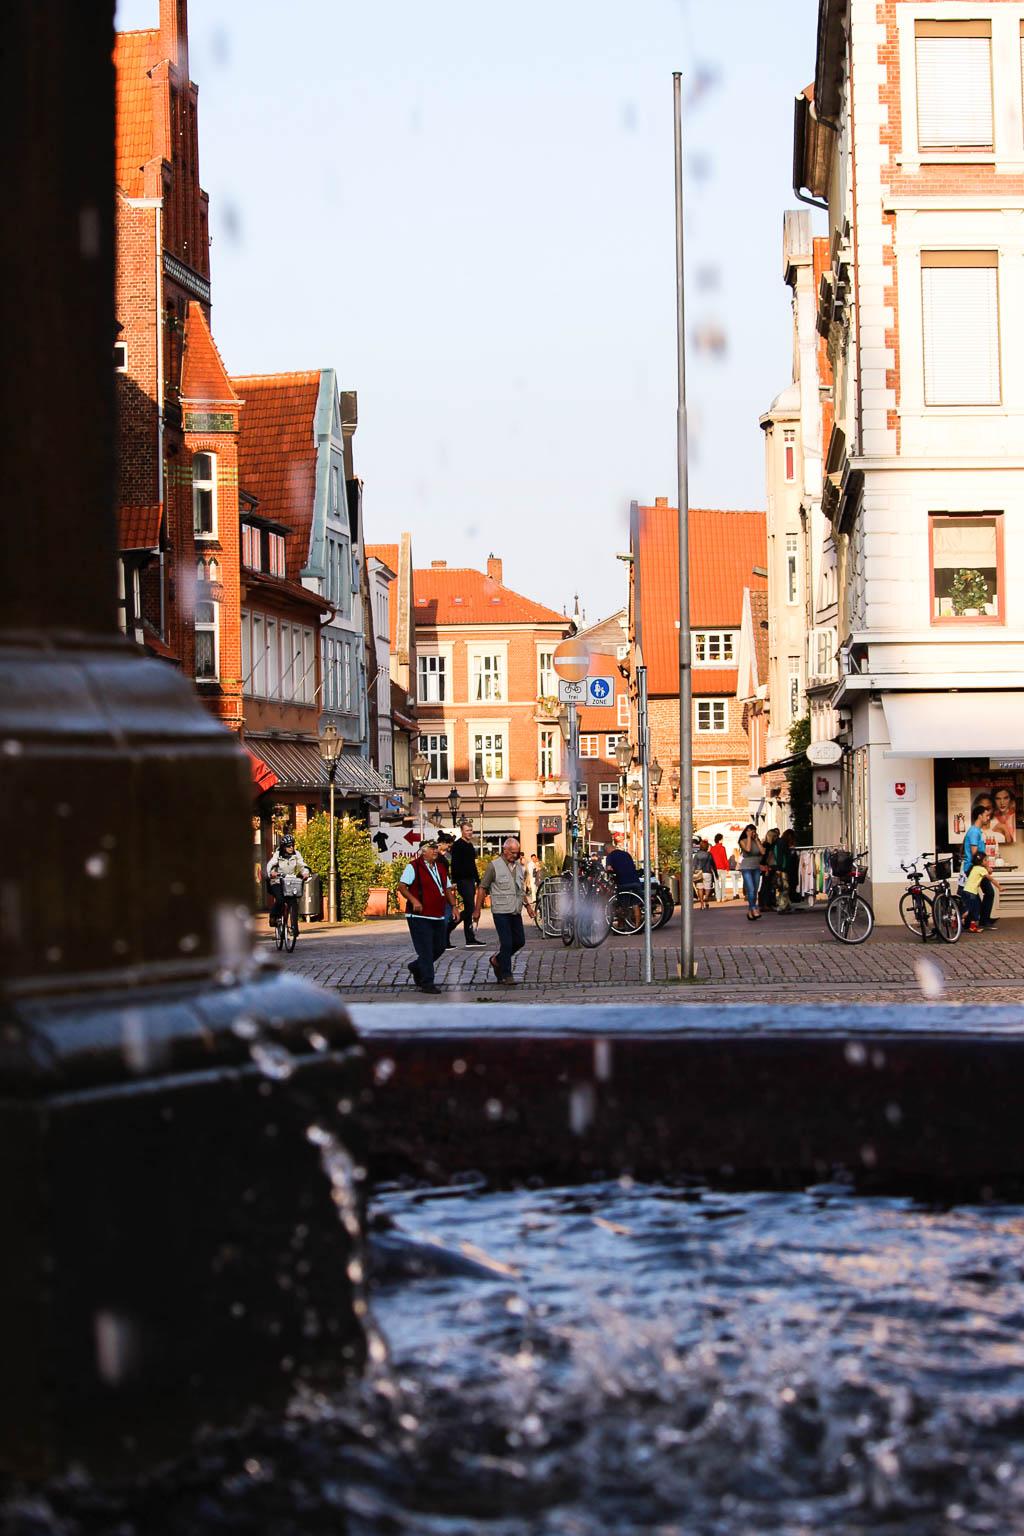 Der Jungbrunnen 10 Dinge die man in Lüneburg machen sollte! Sehenswürdigkeiten und Tipps für die Hansestadt